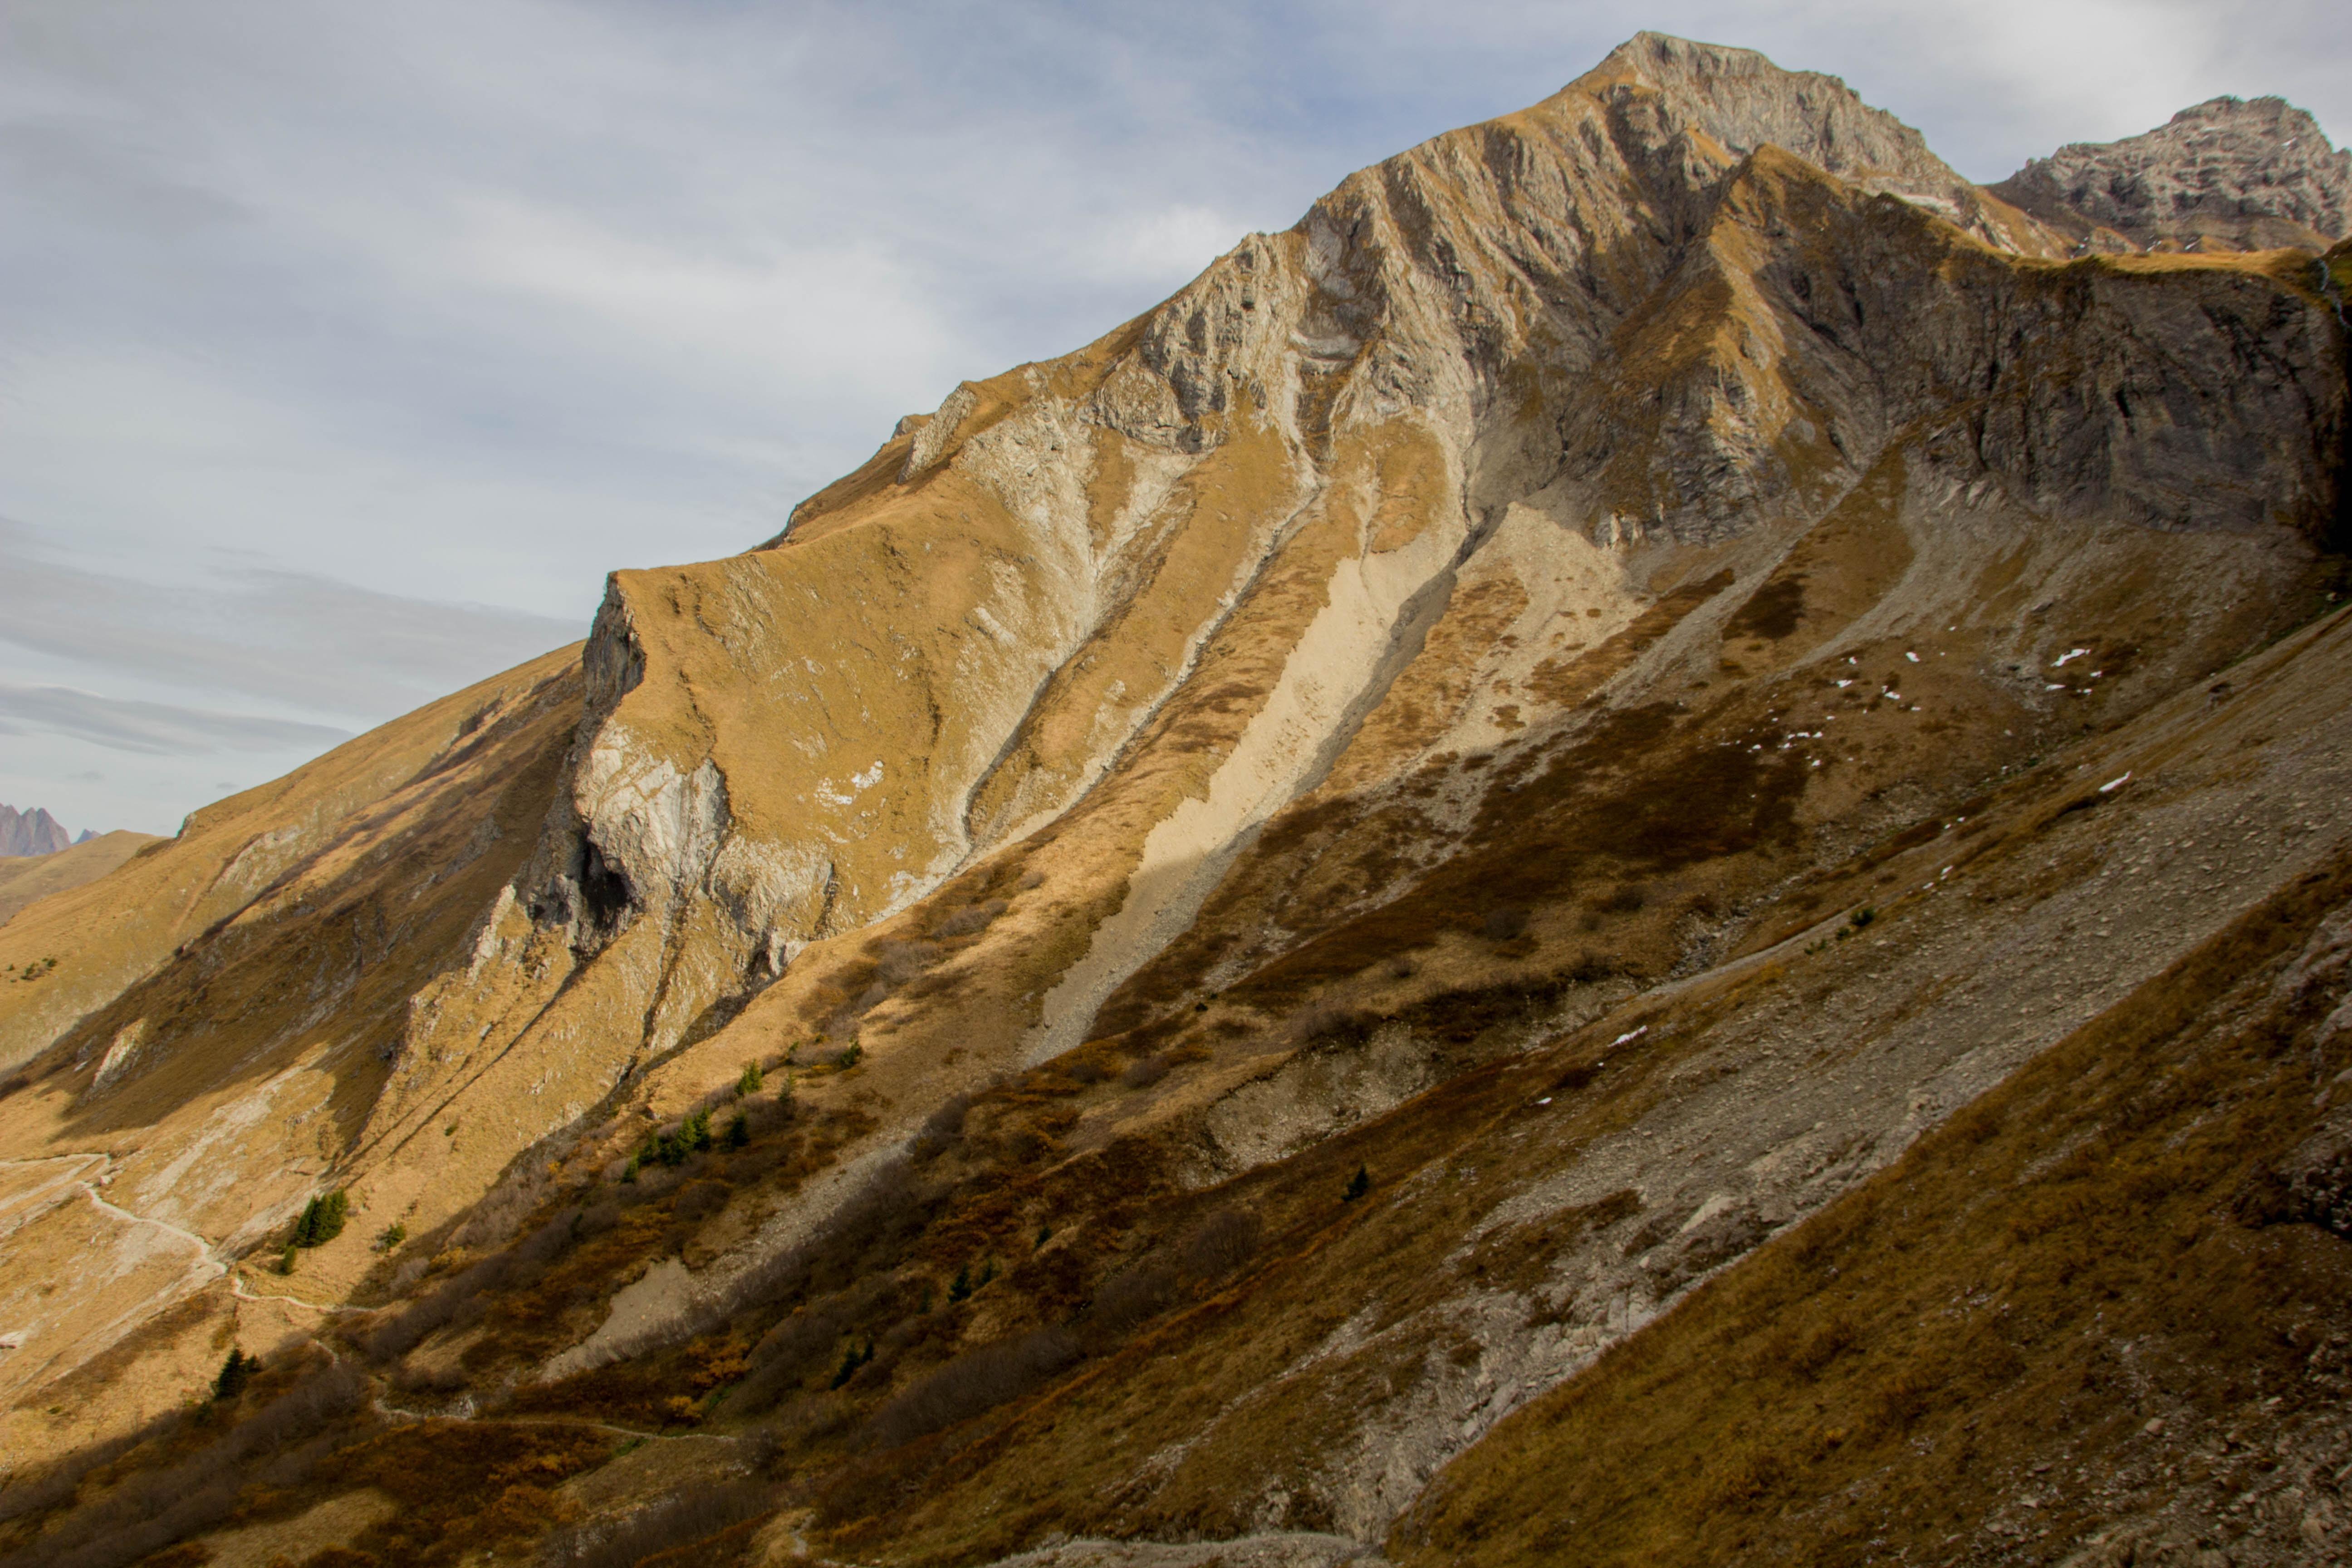 brown rock mountain at daytime